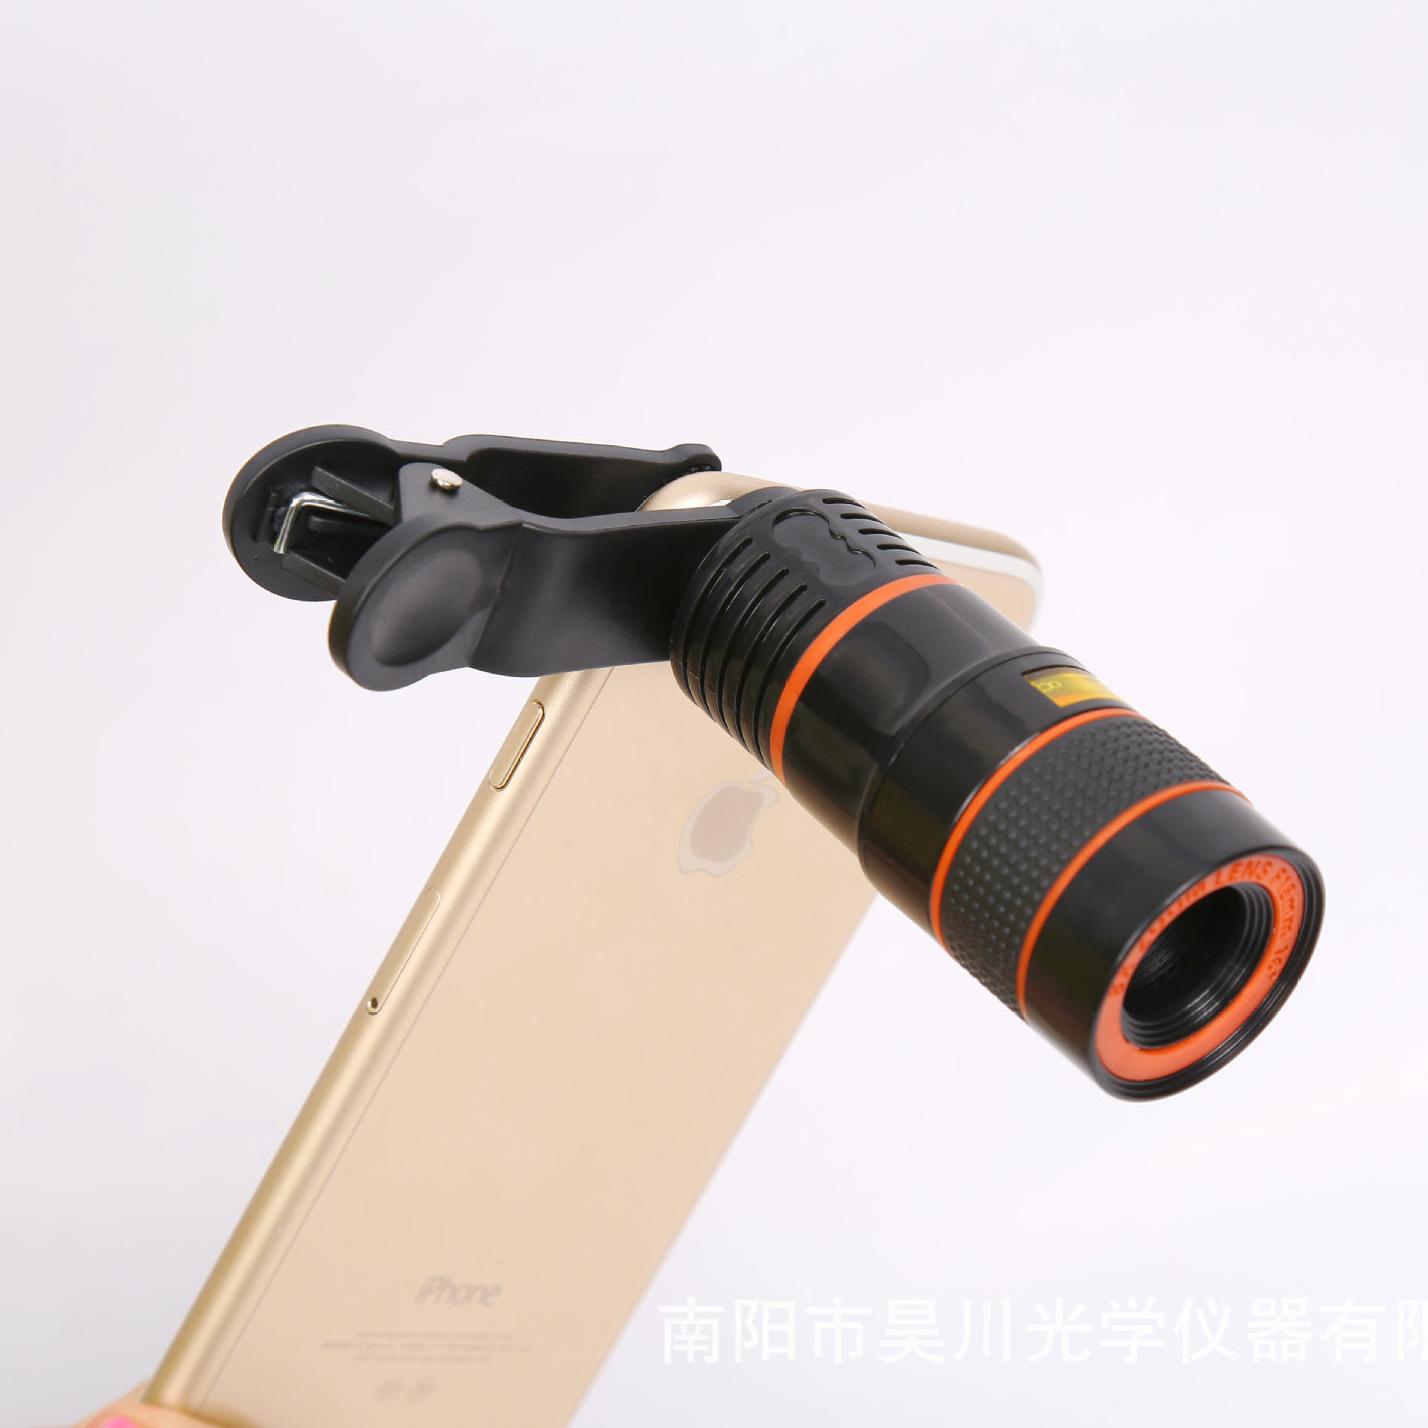 厂家供应手机拍照望远镜 8倍手机望远镜 黑白桔圈手机外挂镜头